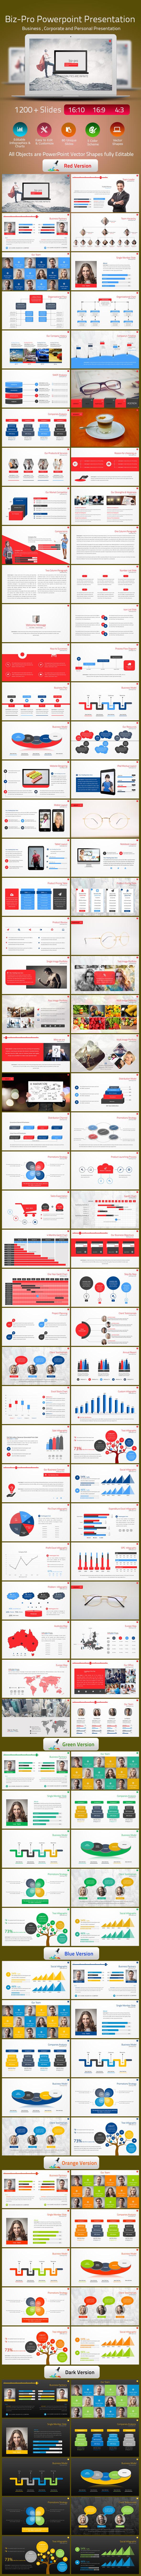 Biz-Pro Power Point Presentation - PowerPoint Templates Presentation Templates